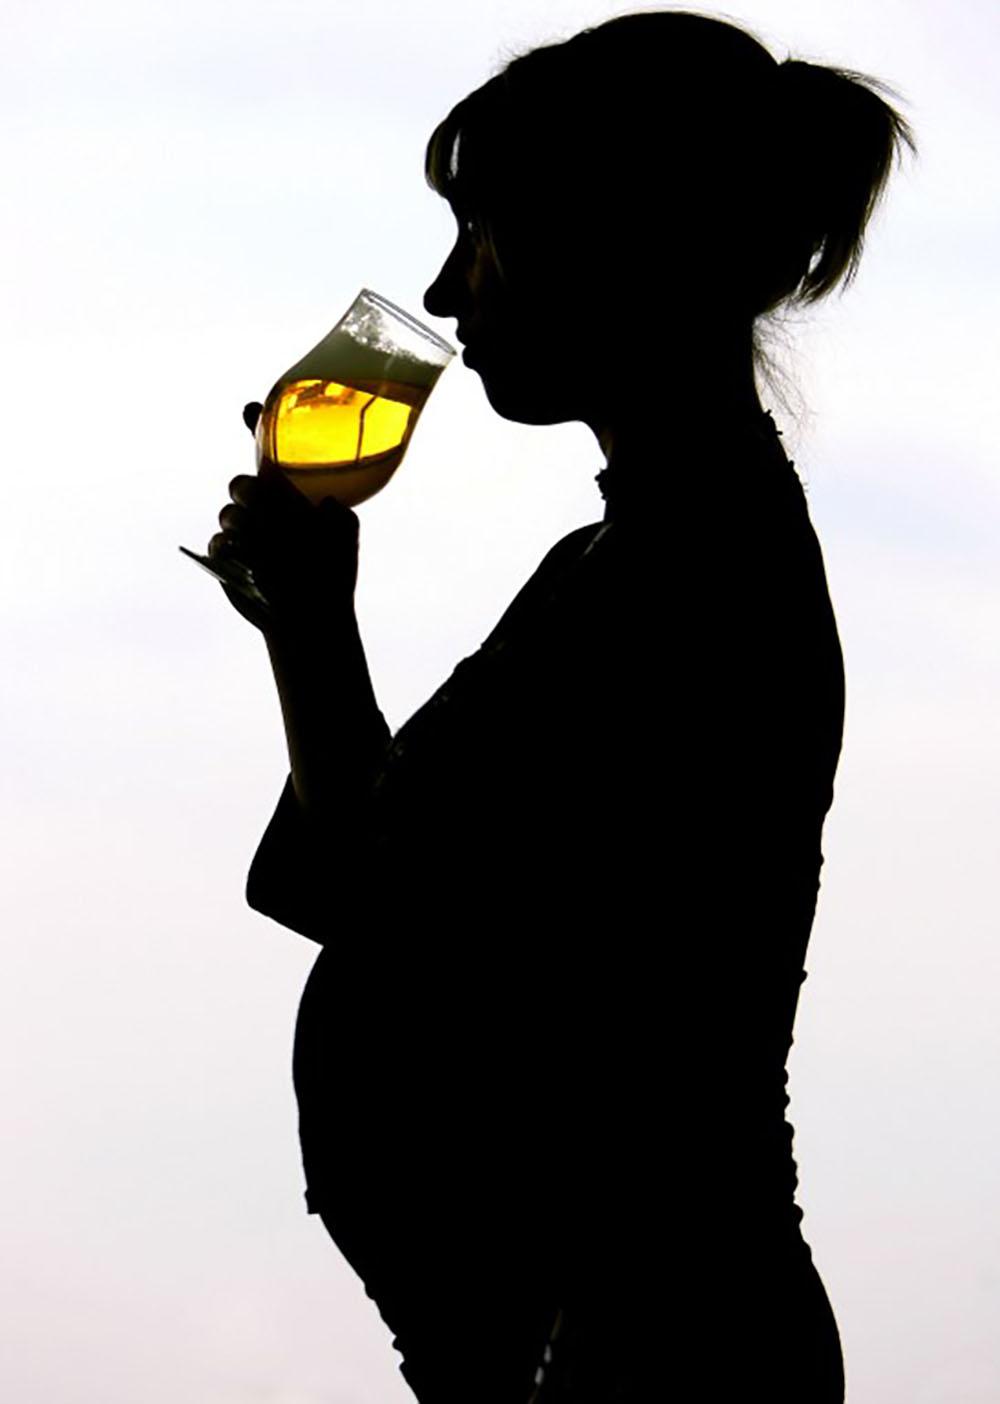 Faible consommation d'alcool pendant la grossesse: les effets restent peu connus